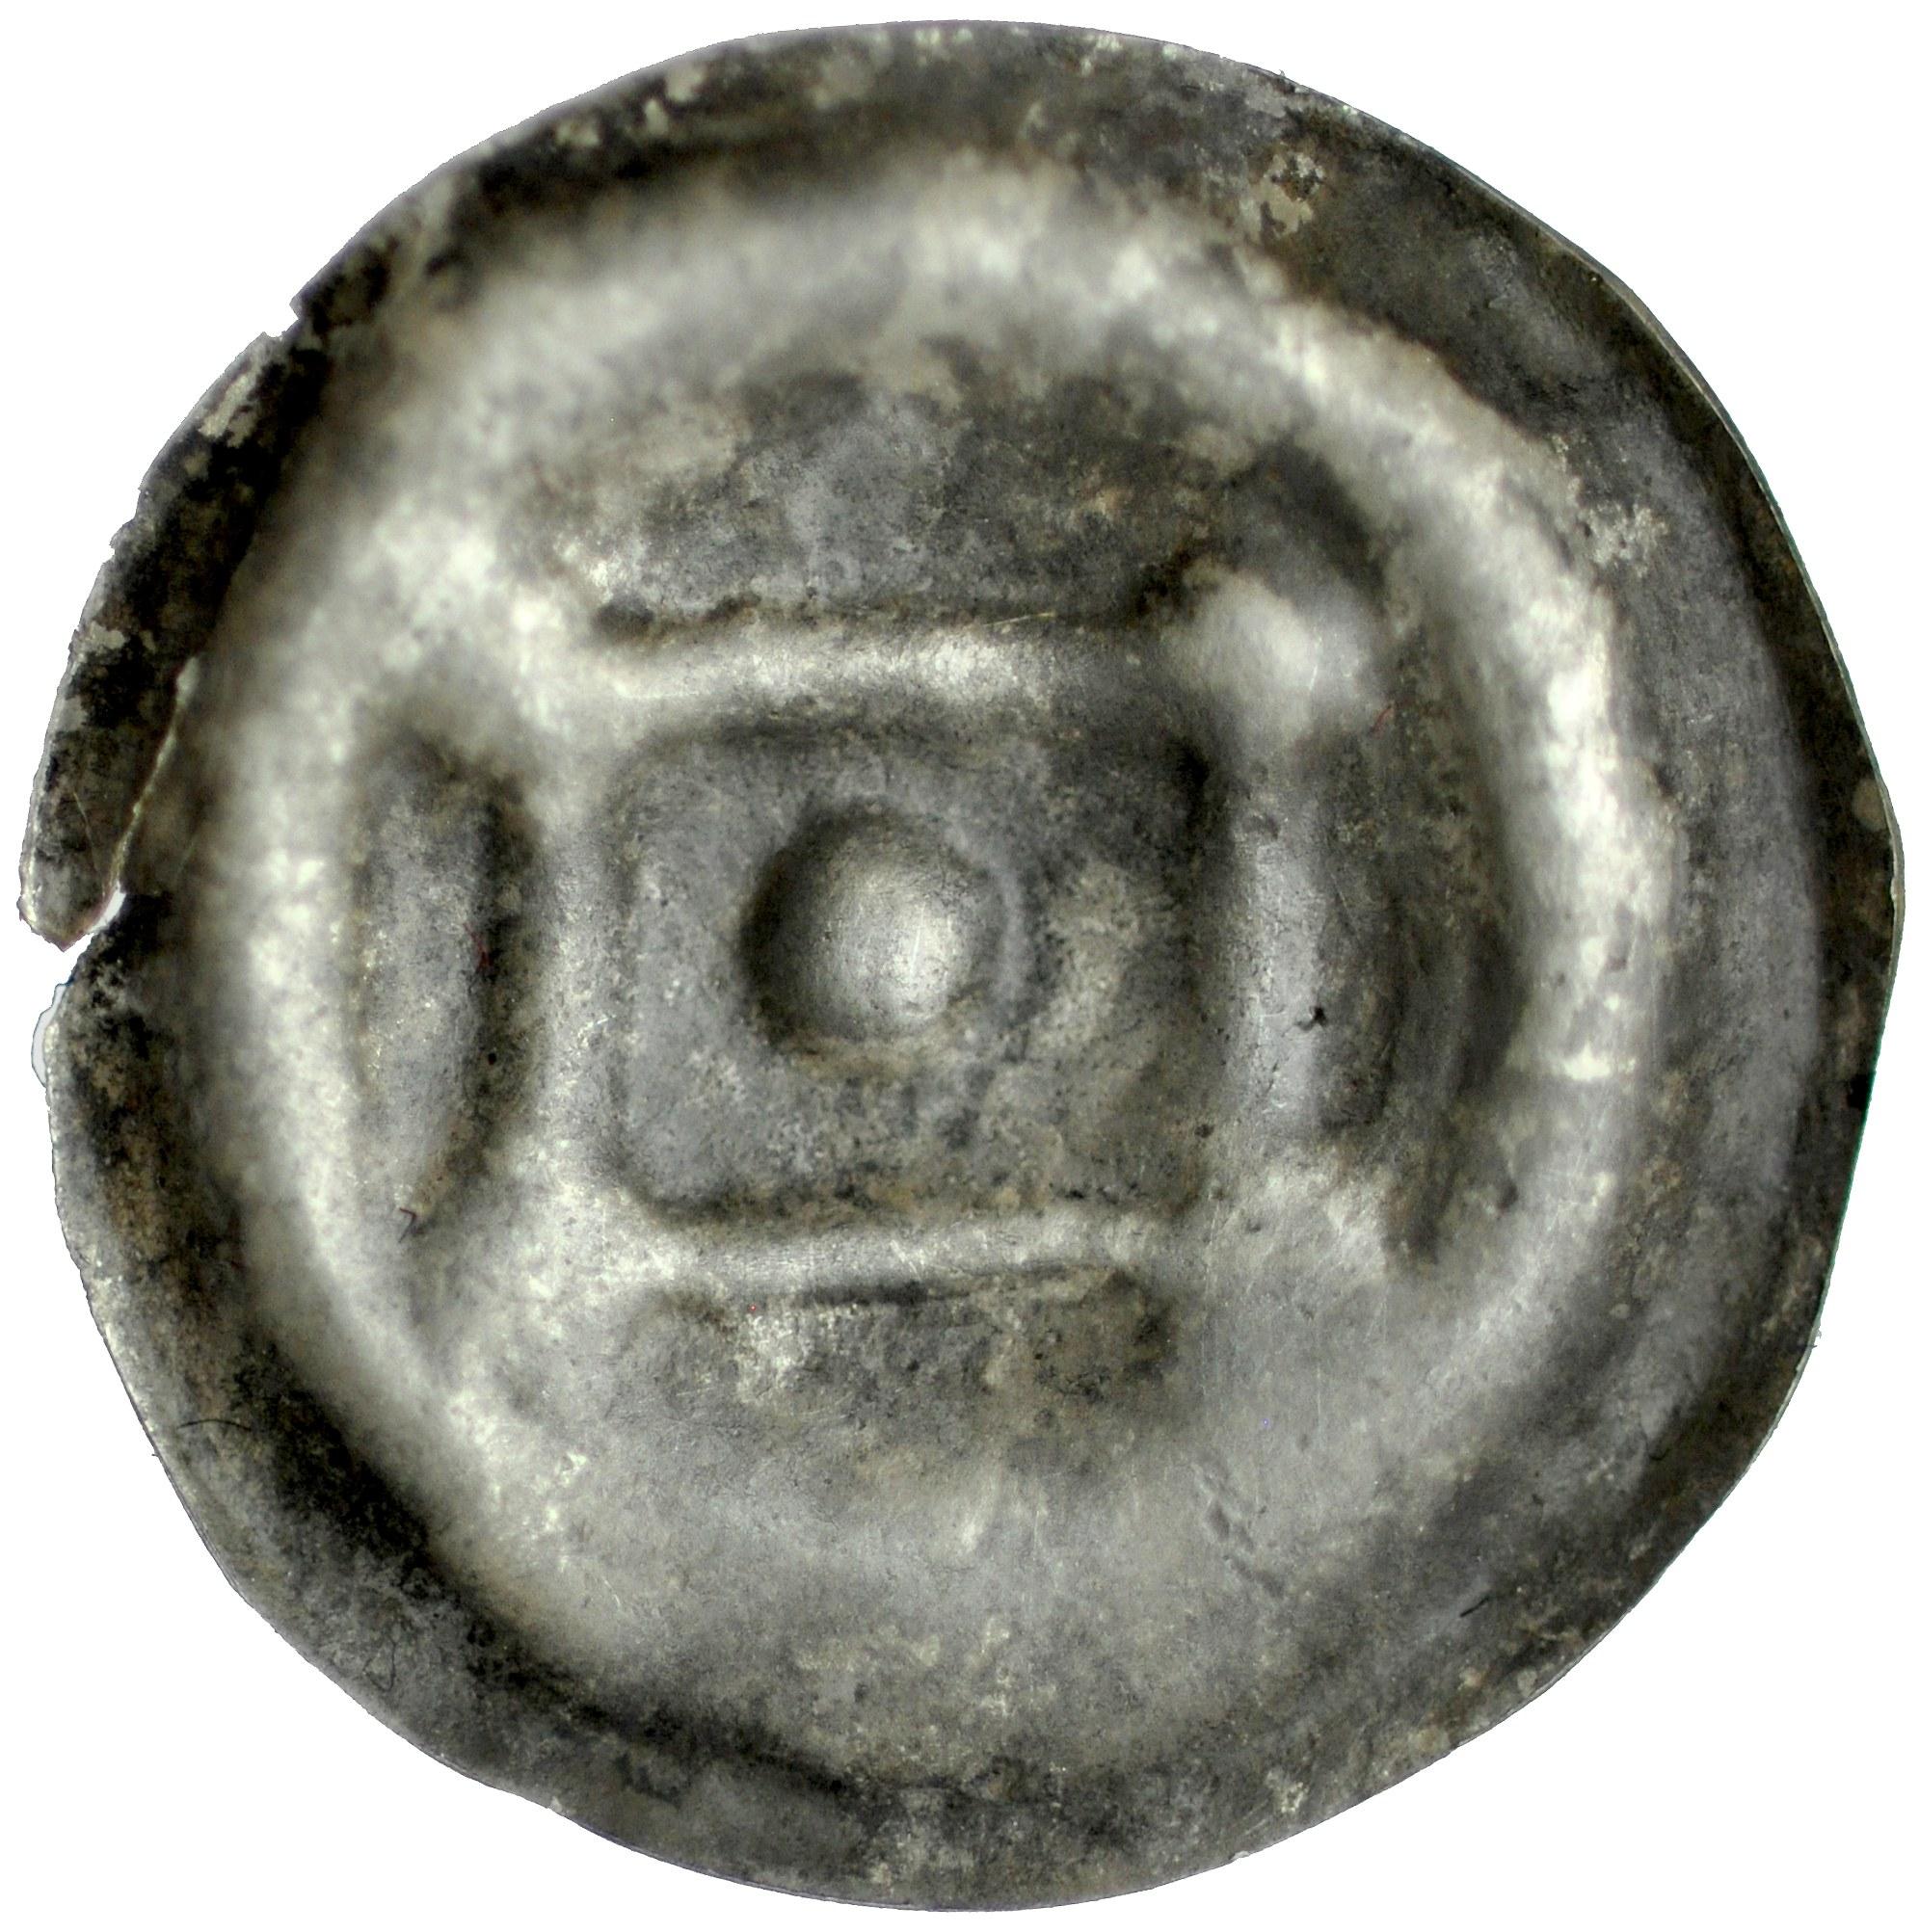 Brakteat guziczkowy II poł. XIII w., Mazowsze? Kujawy?, koniec XIII w., Av.: Romb, w jego rogach po kropce, centralnie duża kropka.